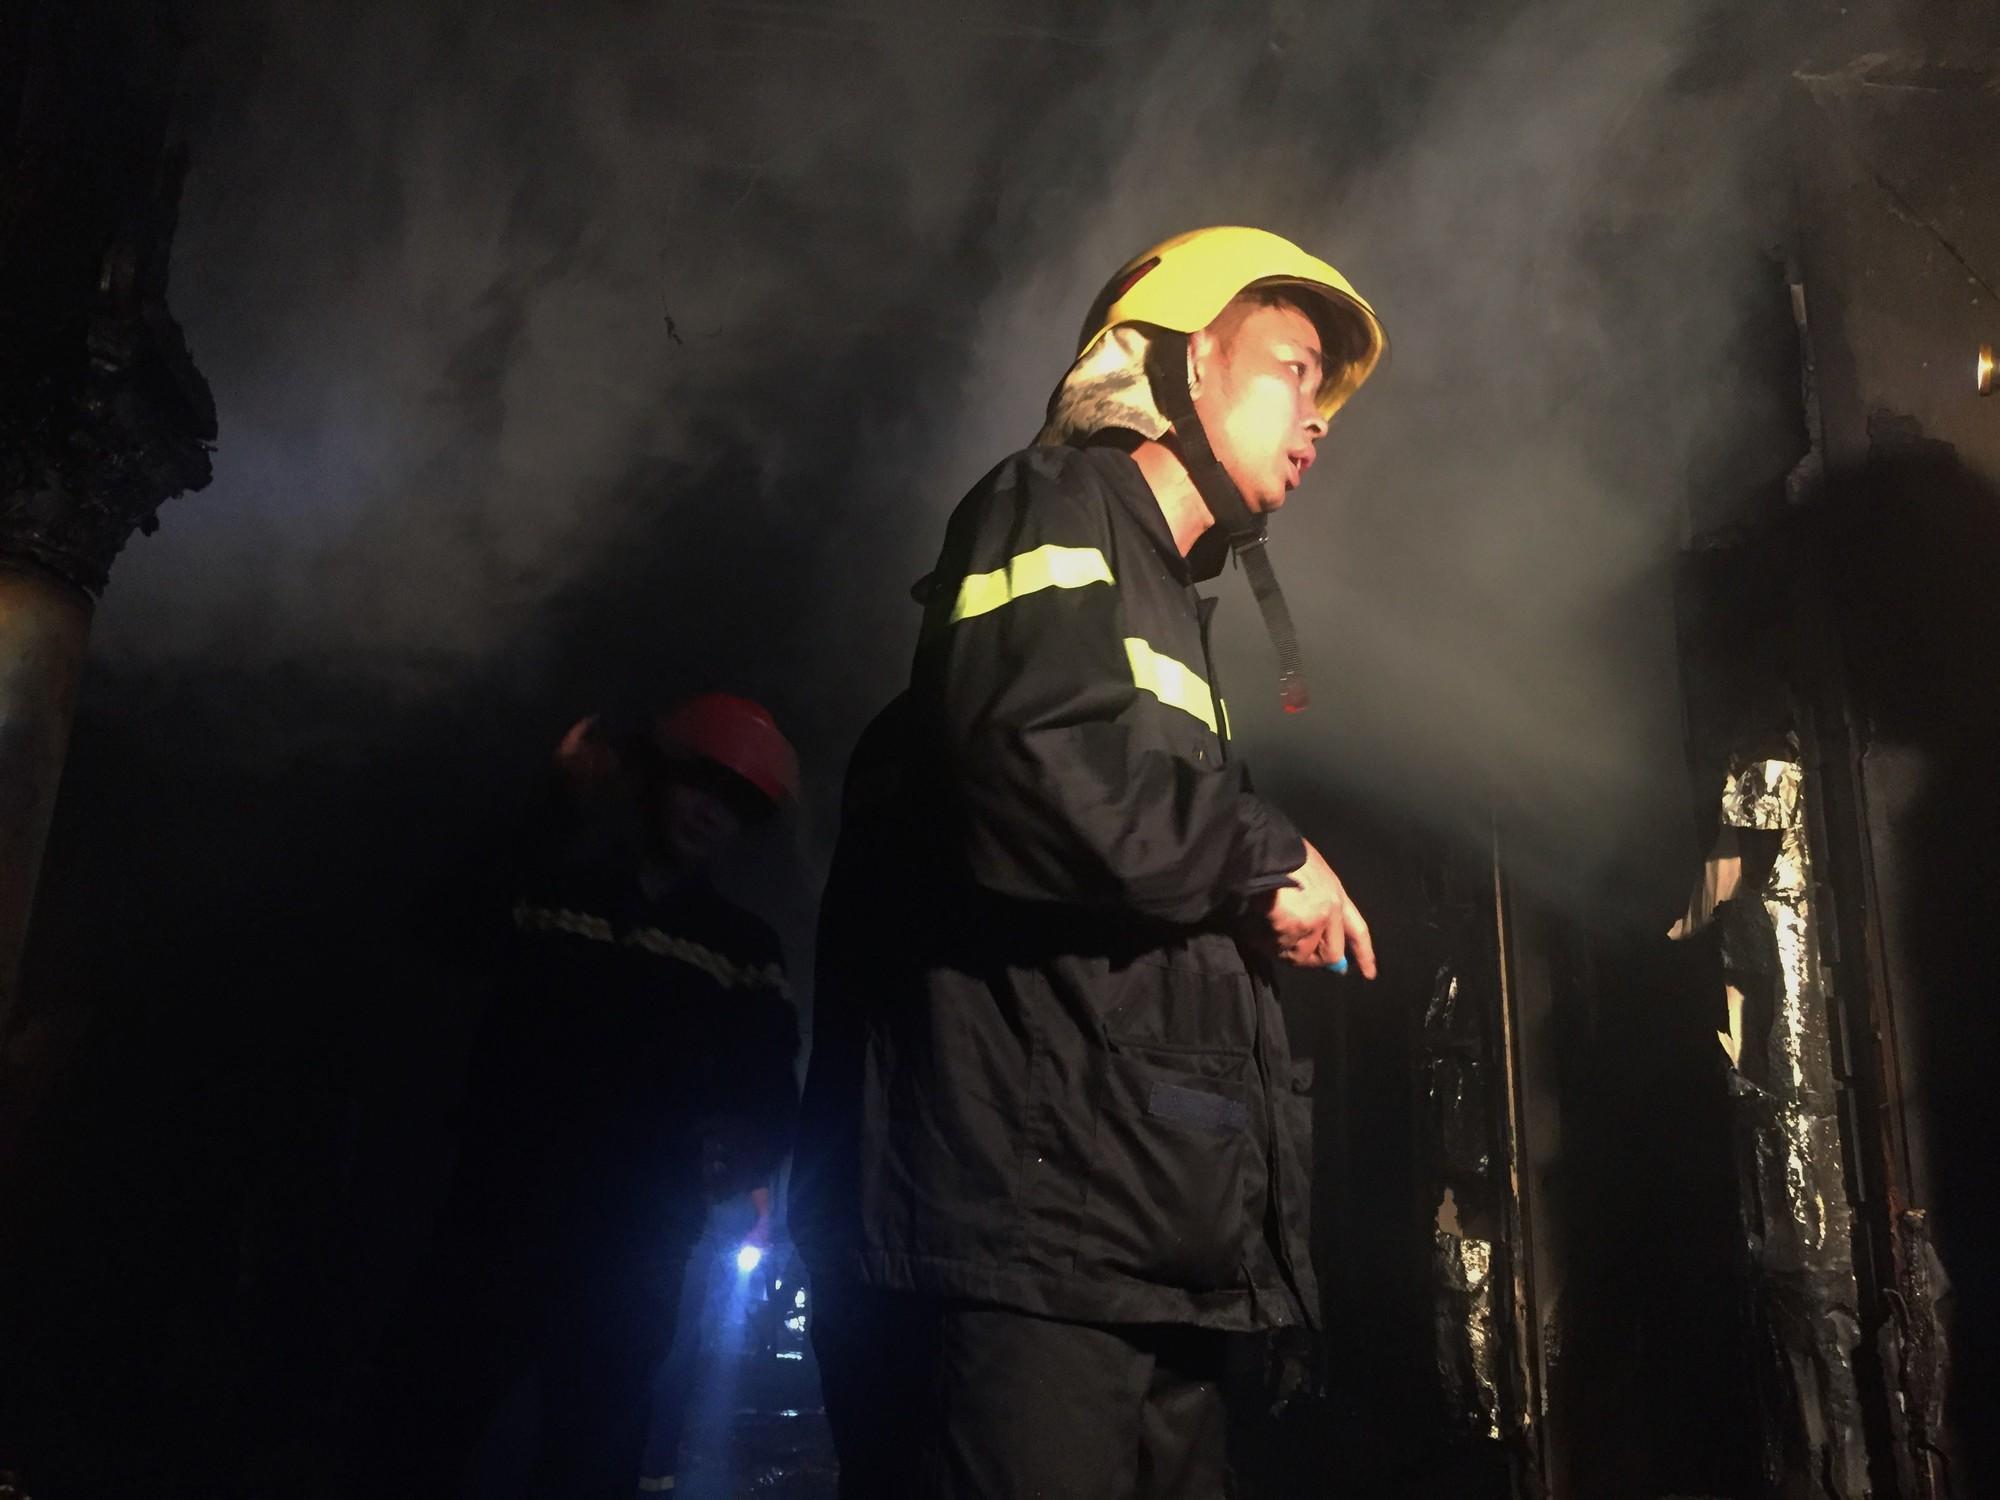 Chùm ảnh: Khung cảnh tan hoang bên trong quán karaoke Kingdom Club Hà Tĩnh sau hỏa hoạn - Ảnh 6.